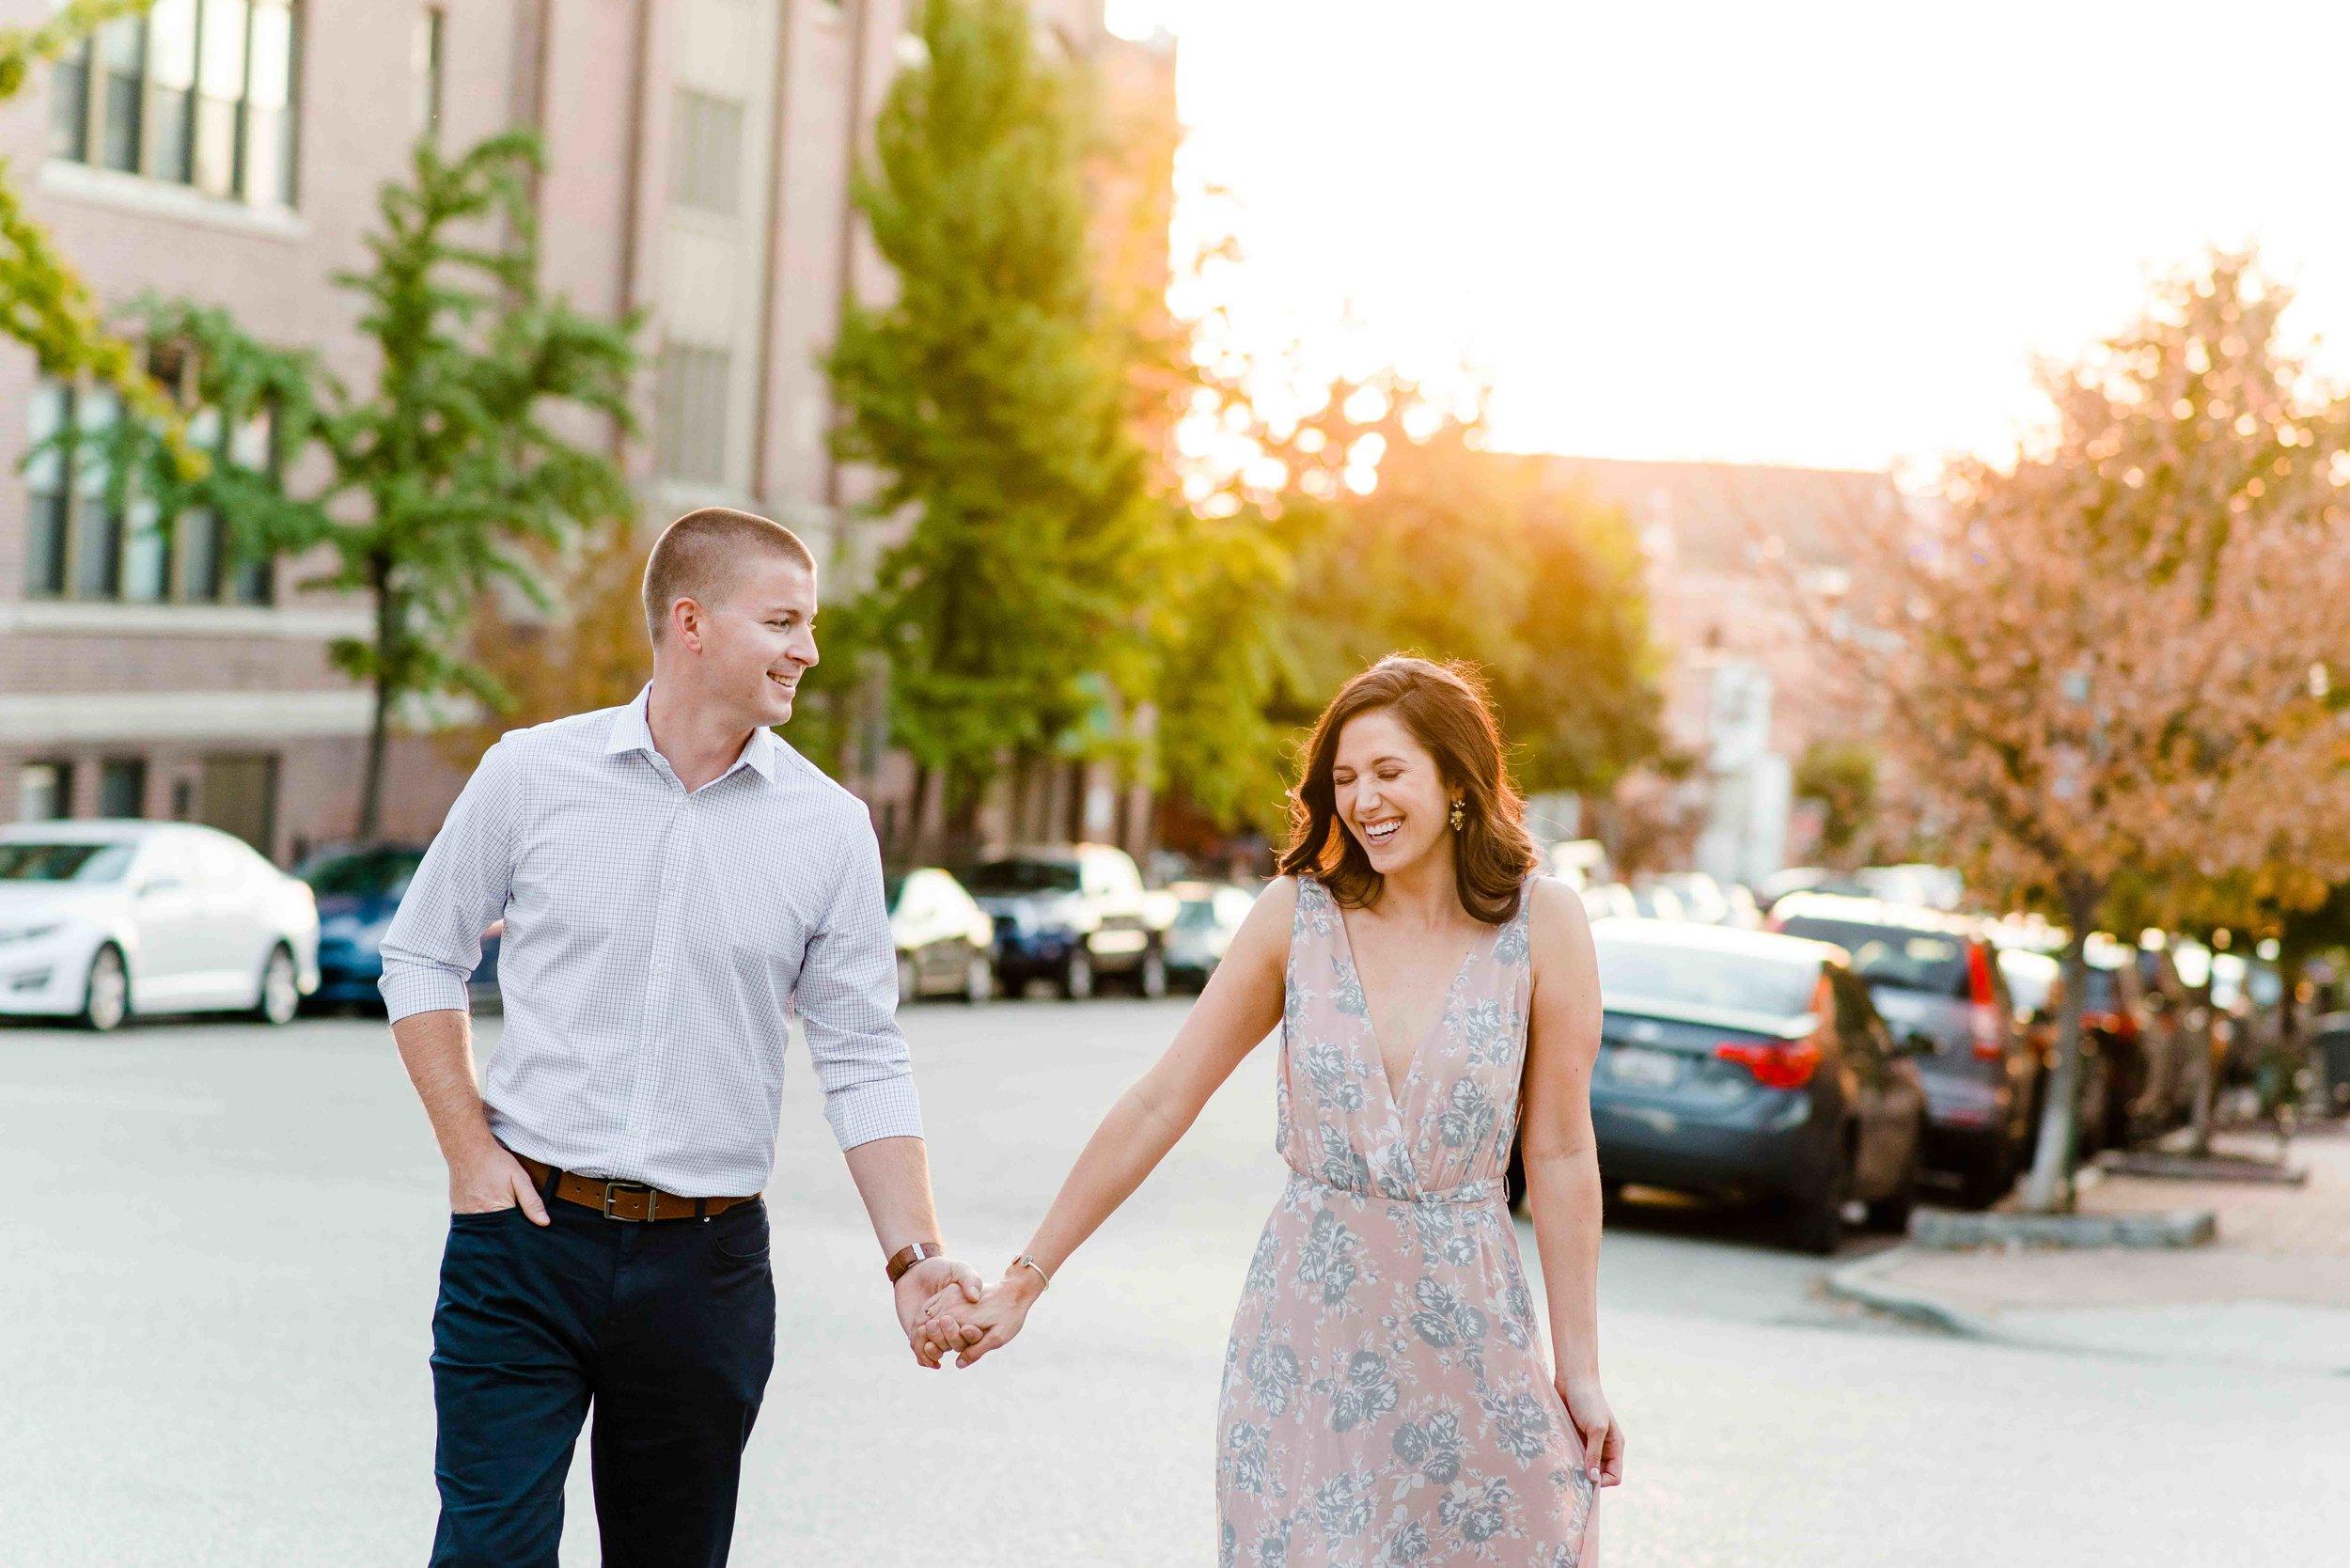 Kirsten-Smith-Photography-Chrissie-Justin-Engagement-83.jpg